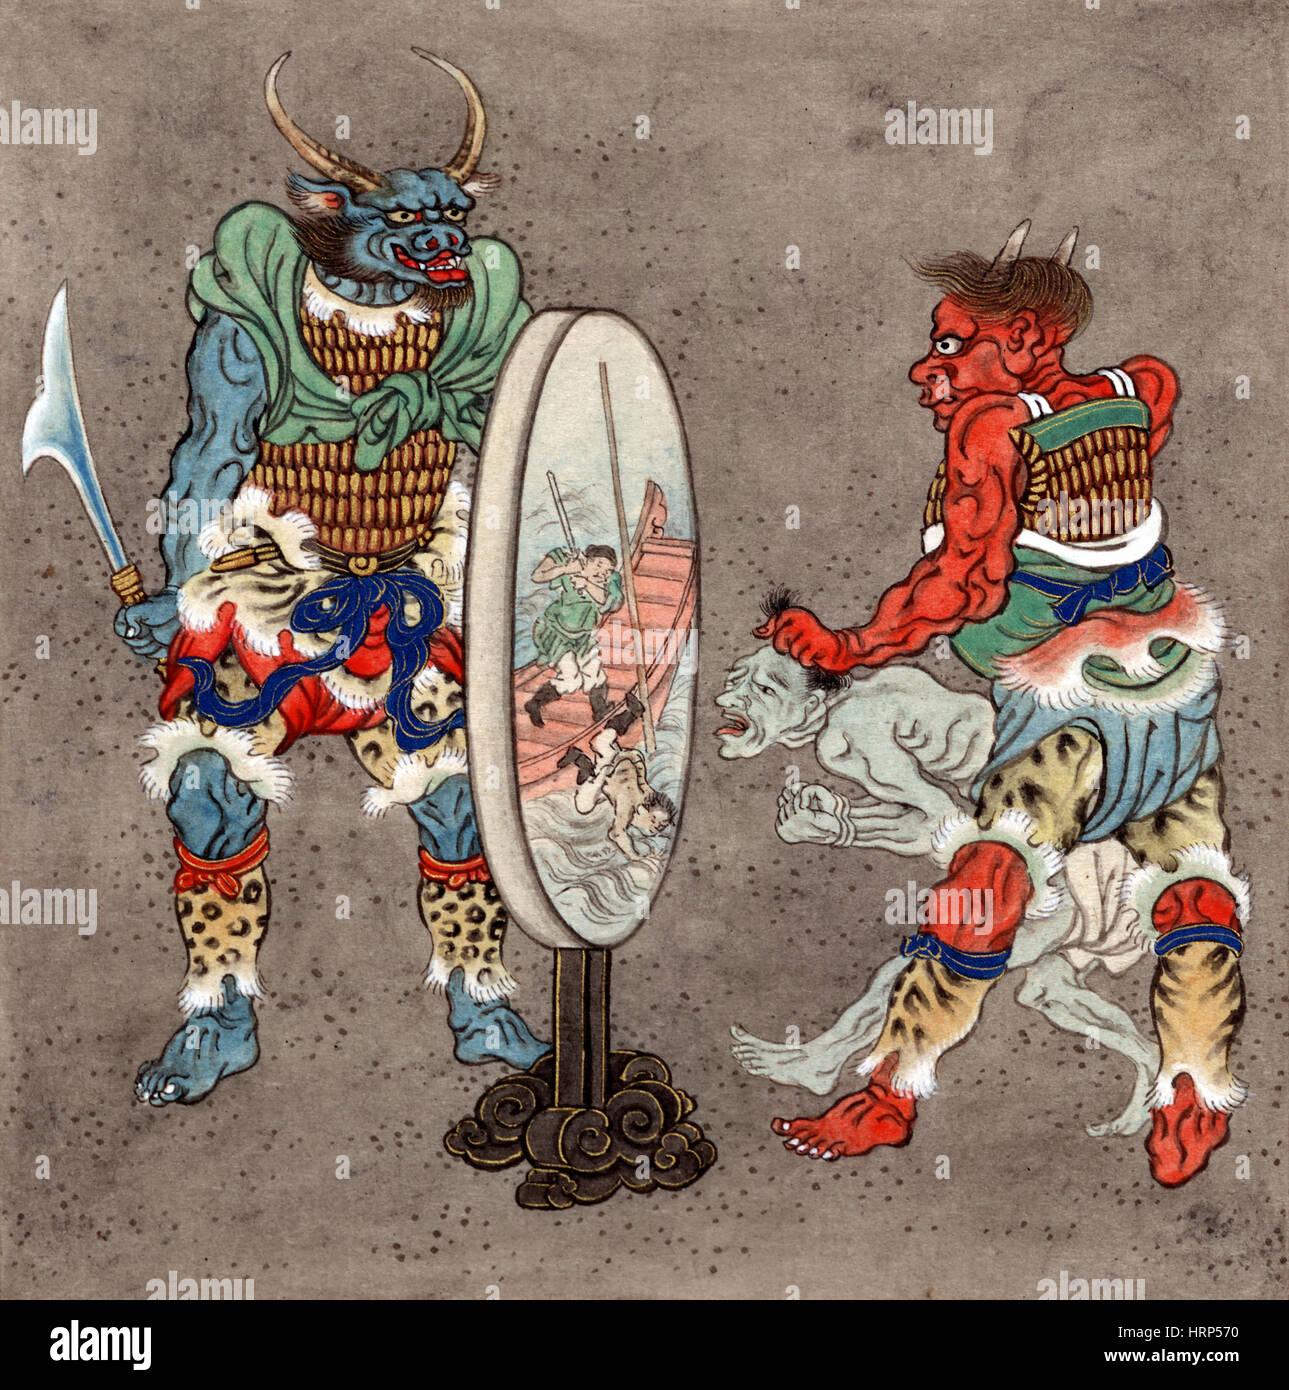 Wrathful Deities, Buddhist Mythology - Stock Image